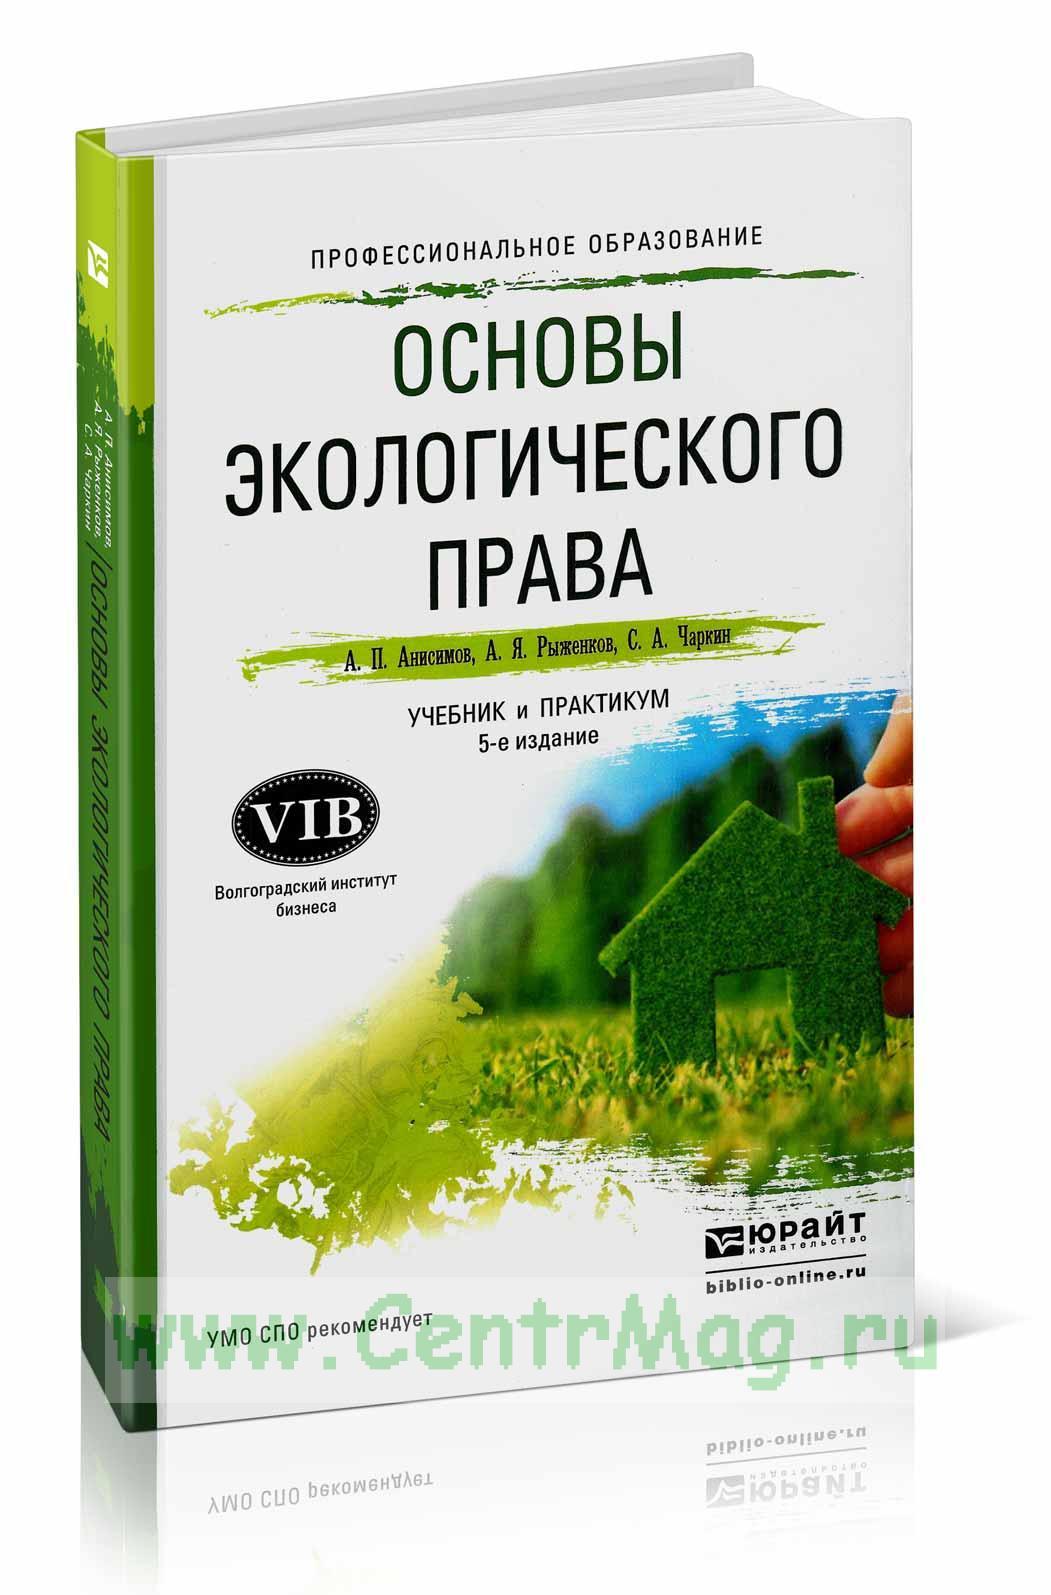 Основы экологического права: учебник и практикум для СПО (5-е издание, переработанное и дополненное)